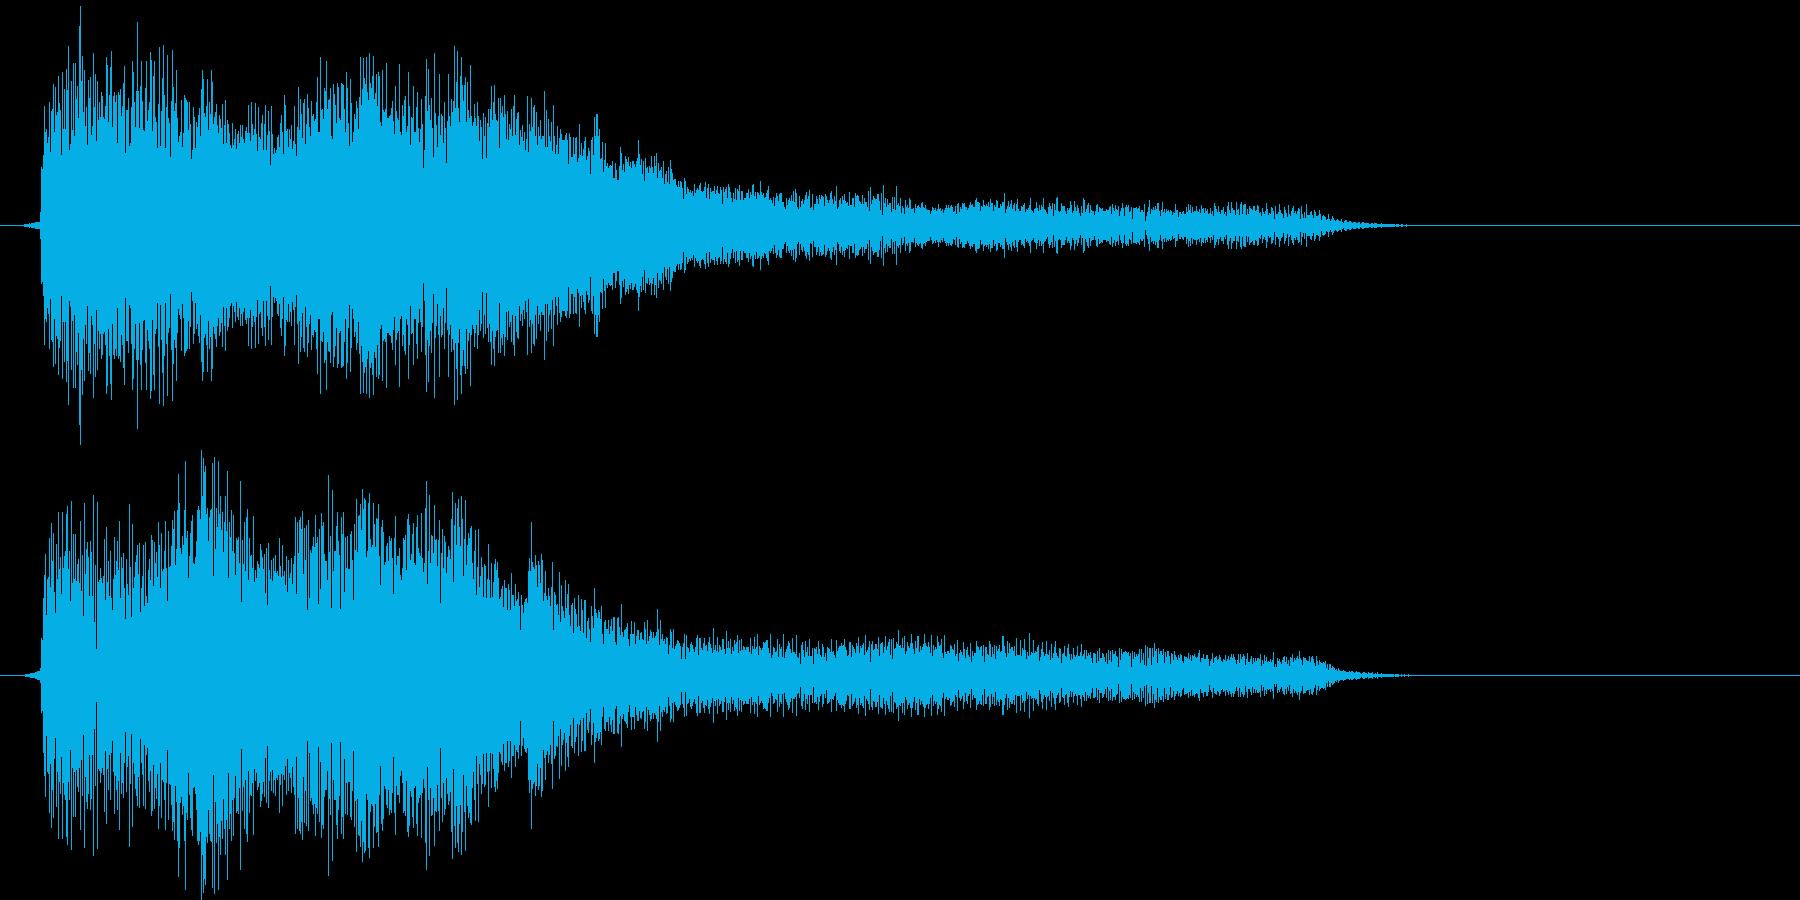 短いピアノメインの駆け上がりジングルの再生済みの波形